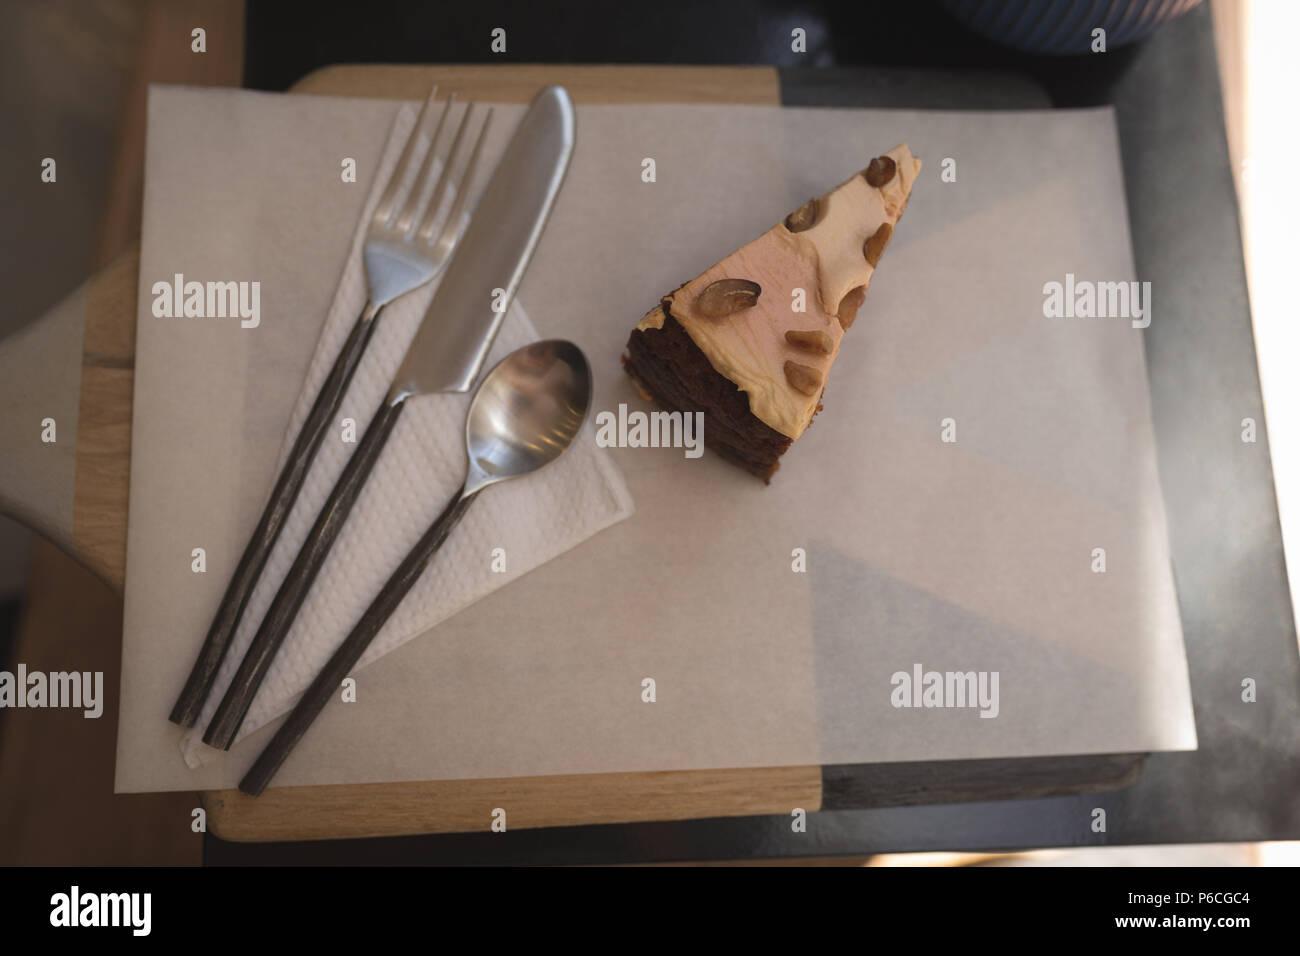 Gâteau de pâte avec une cuillère, fourchette et couteau à beurre sur un papier ciré Banque D'Images